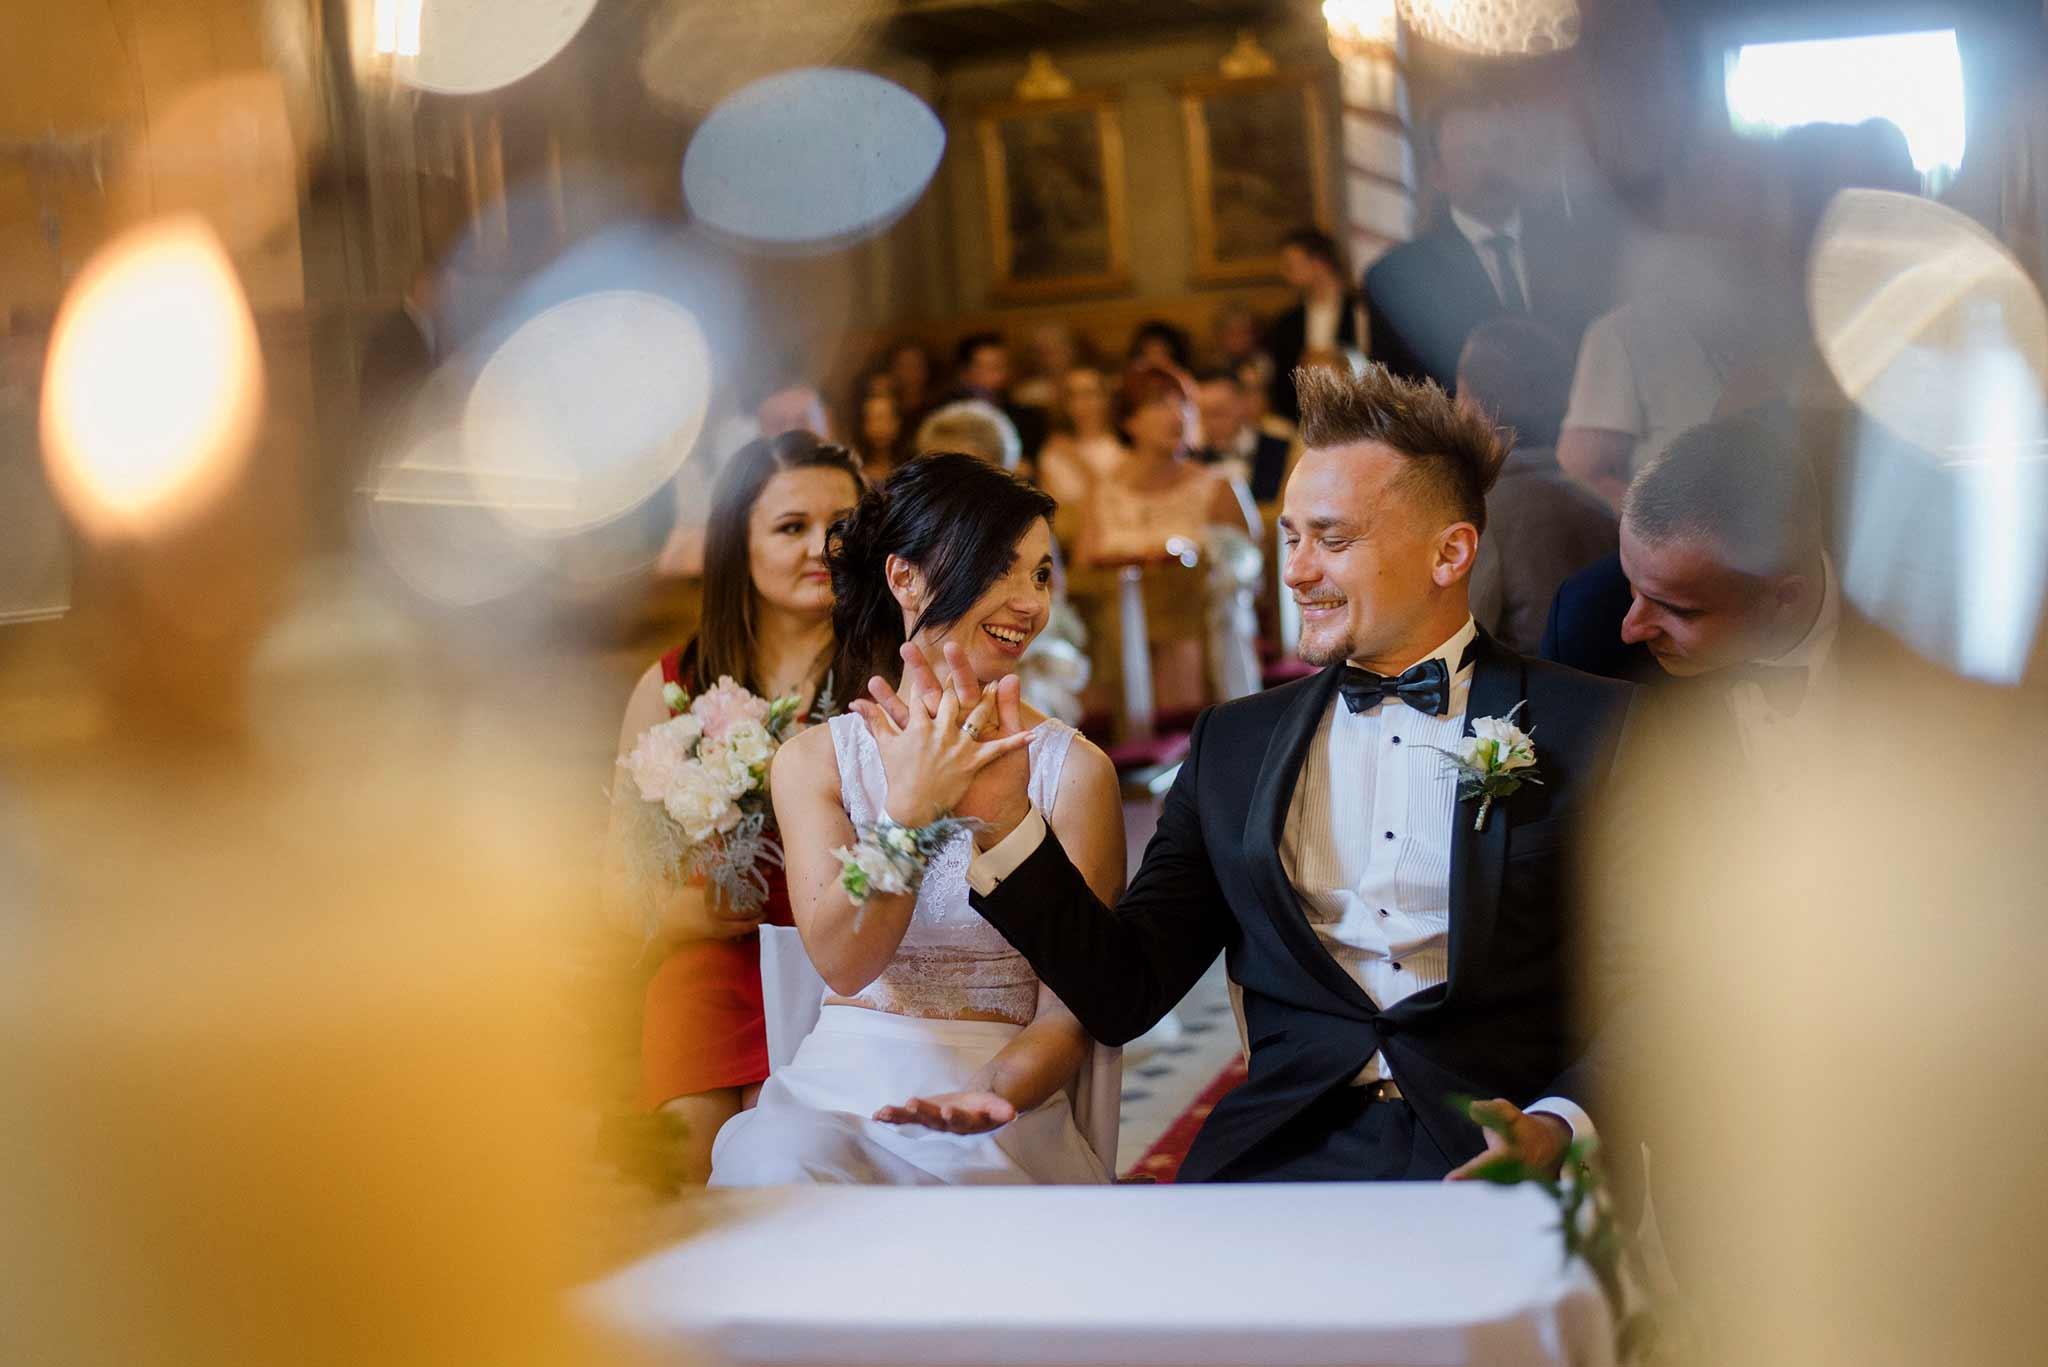 Fotograf ślubny - ceremonia zaślubin Grześka i Ewy